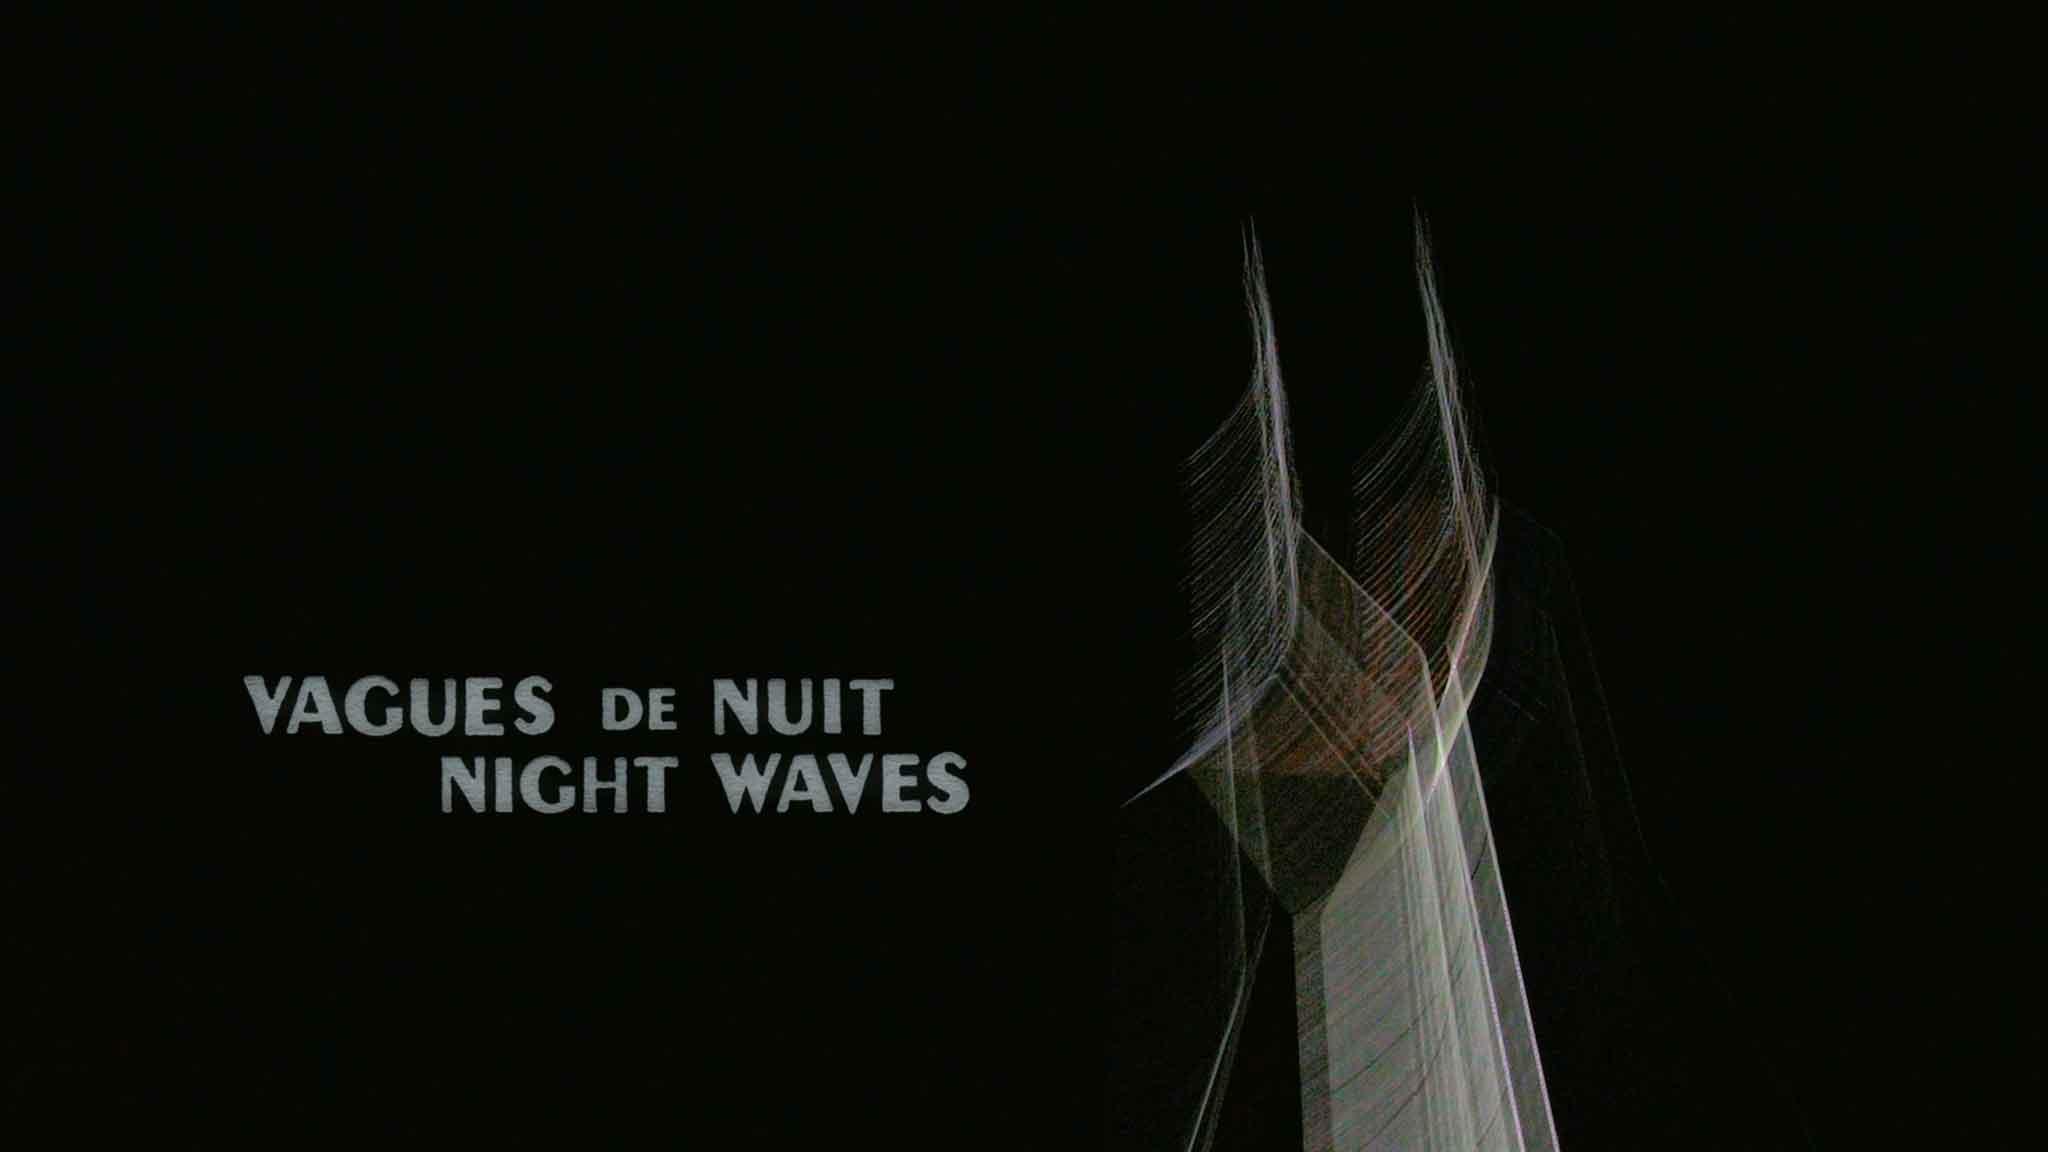 Night Waves / Vagues de Nuit